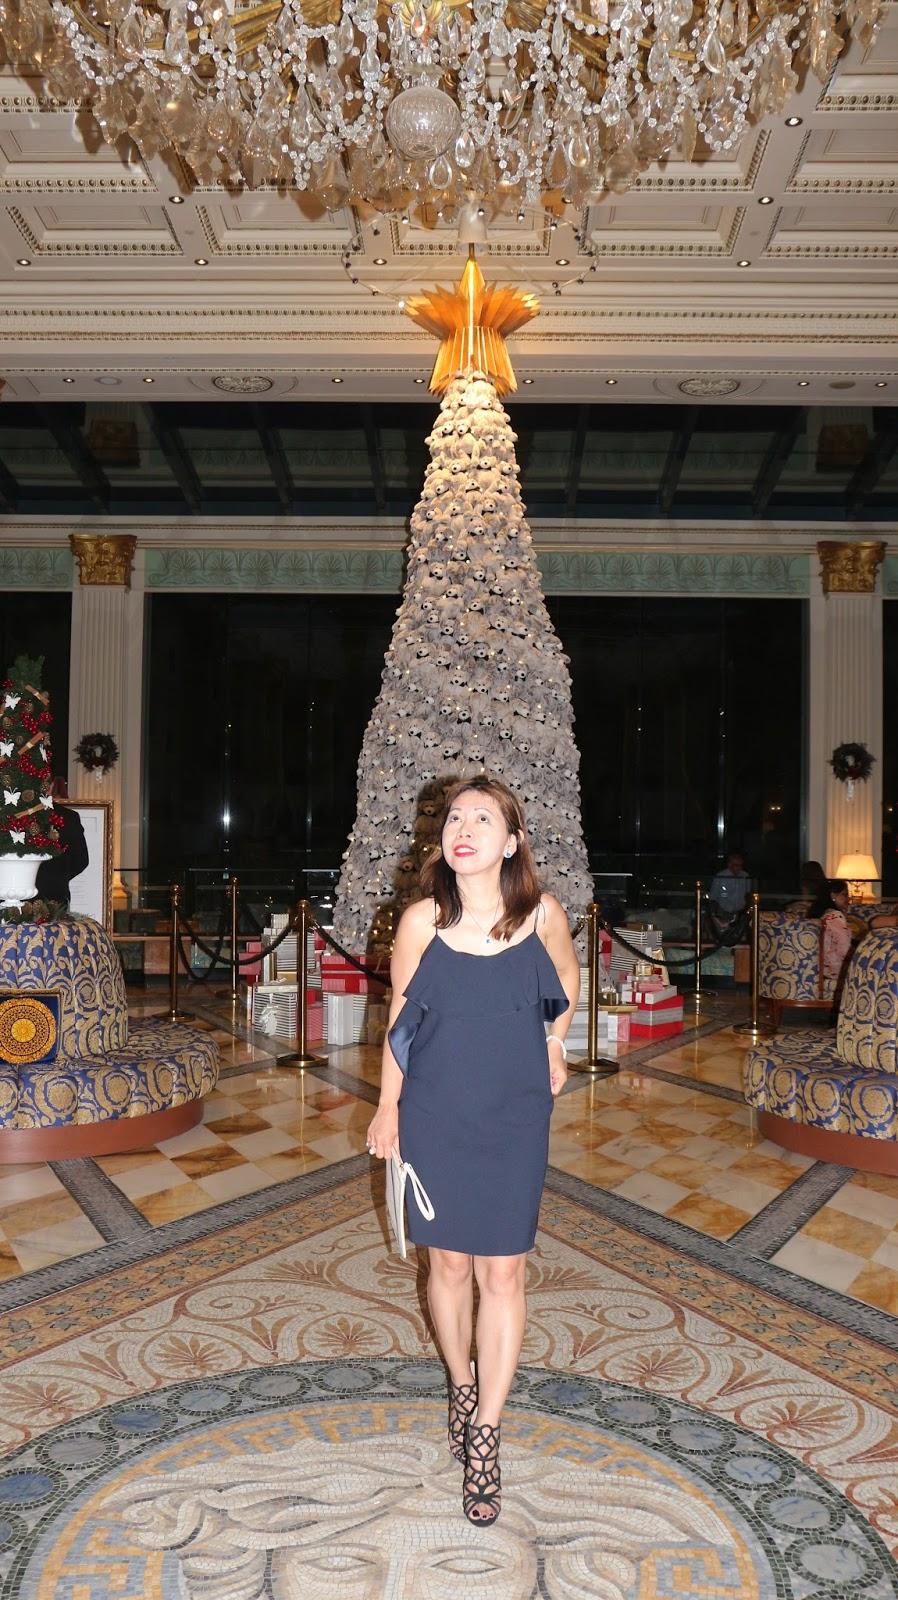 Pallazo Versace Gold Coast